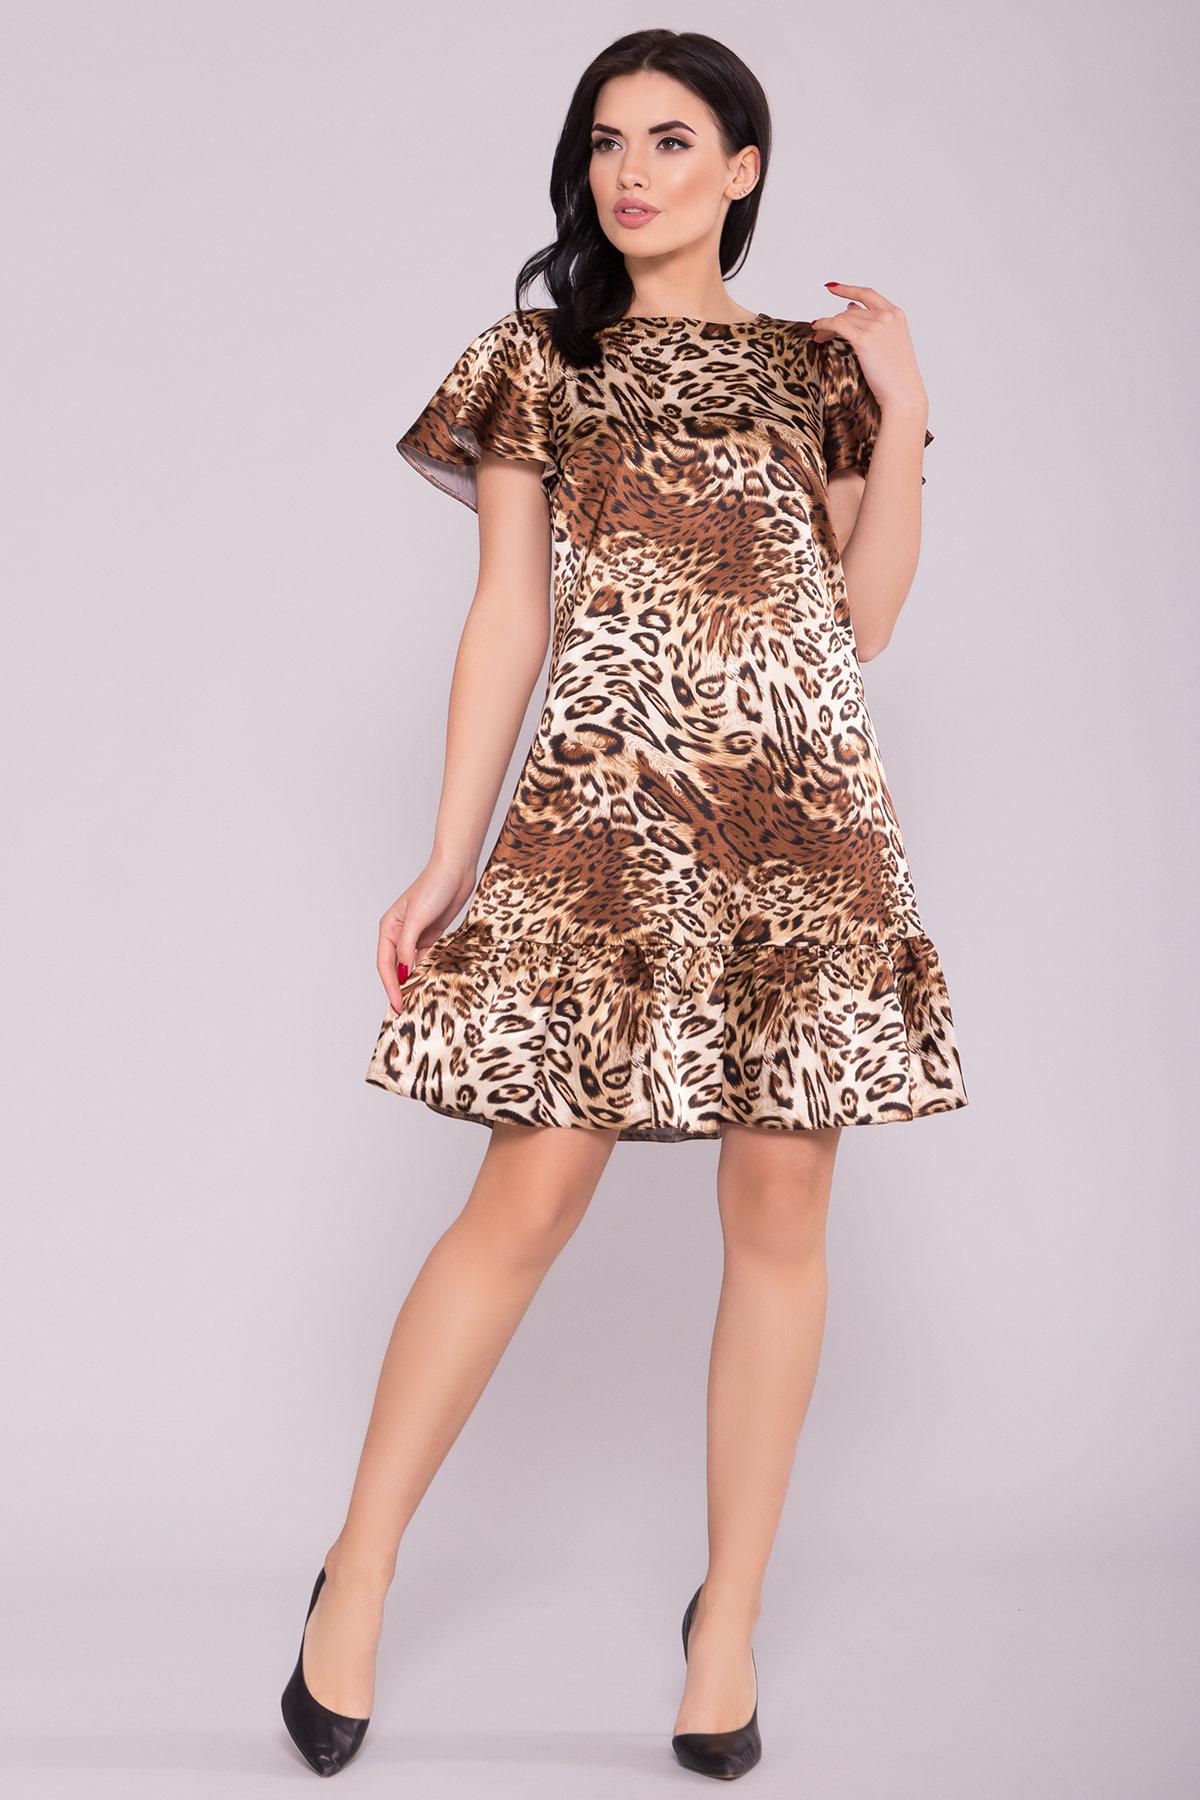 Купить платья оптом в Украине Платье Патрисия 6986